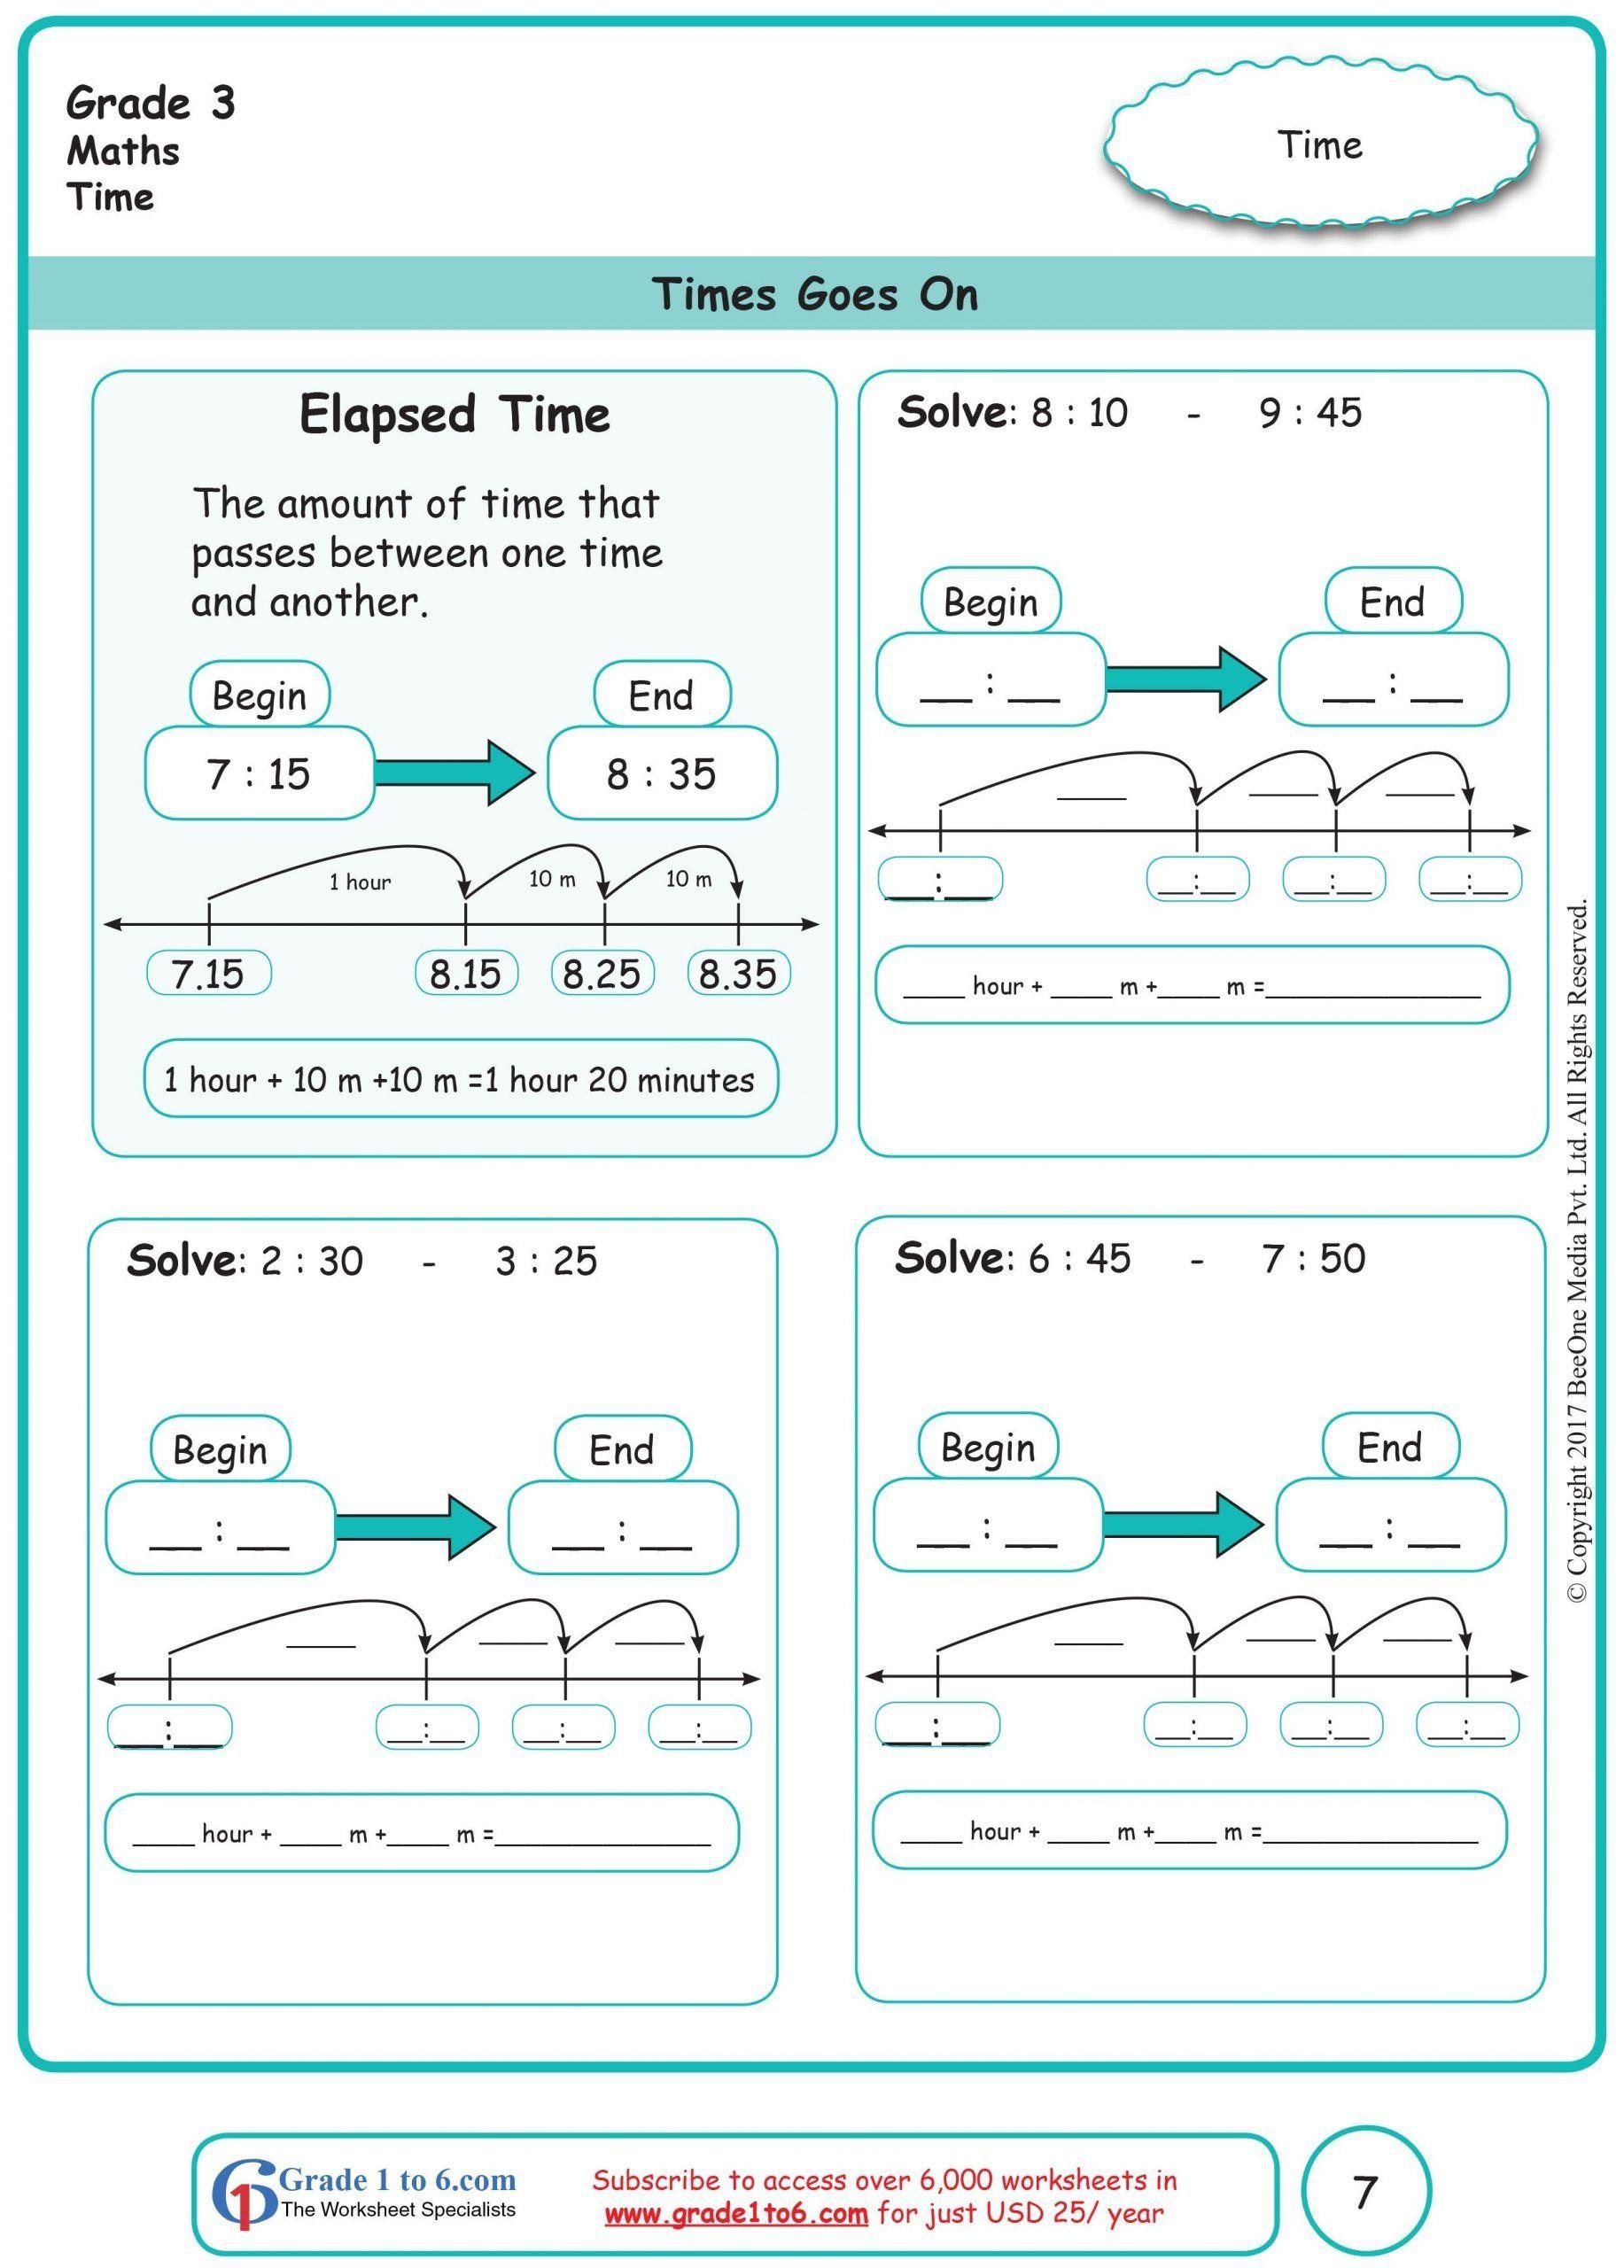 Elapsed Time Worksheet 3rd Grade Elapsed Time Worksheets In 2020   Time  worksheets [ 2560 x 1833 Pixel ]